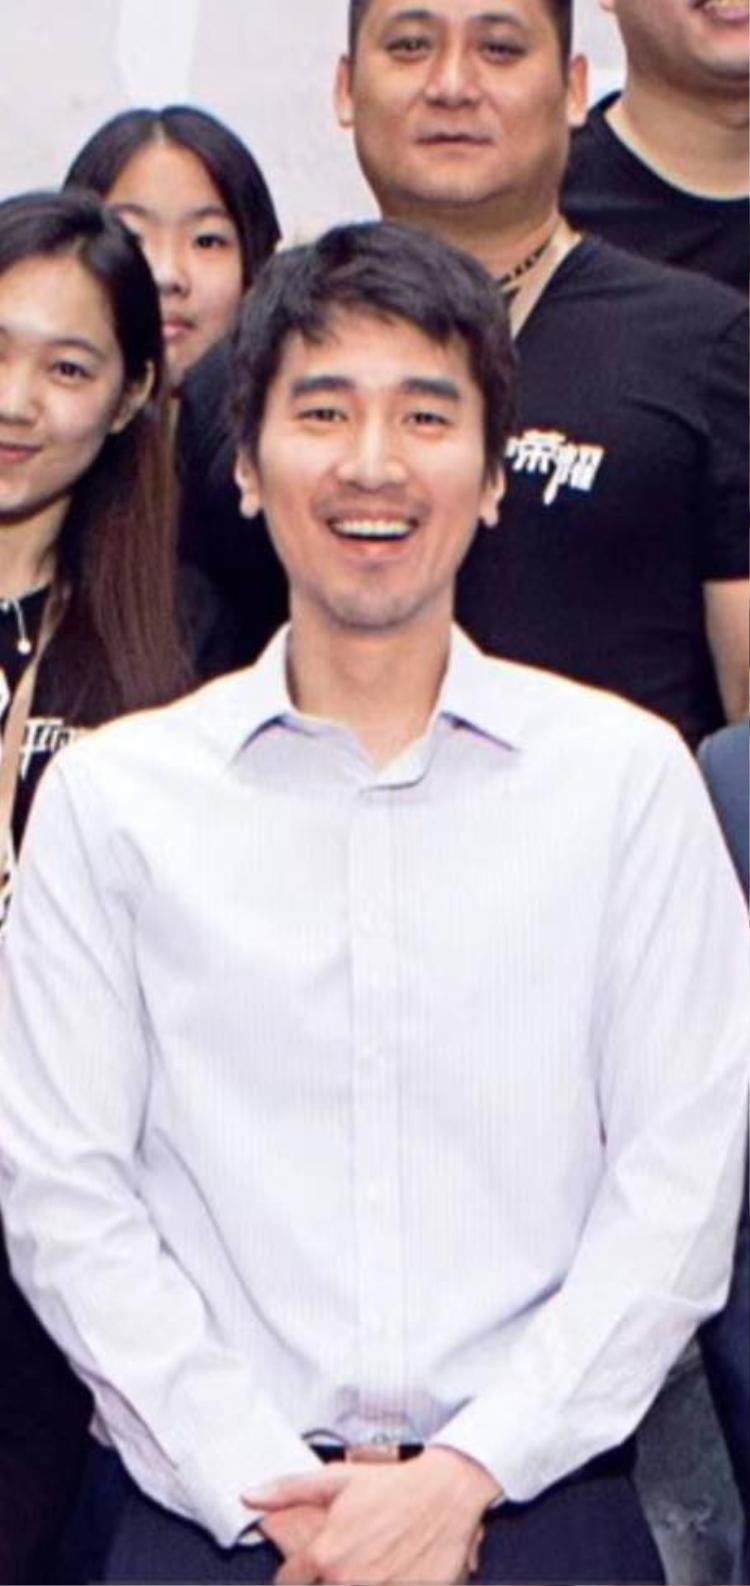 Triệu Hựu Đình trong lễ khai máy với nhan sắc già nua trông thấy